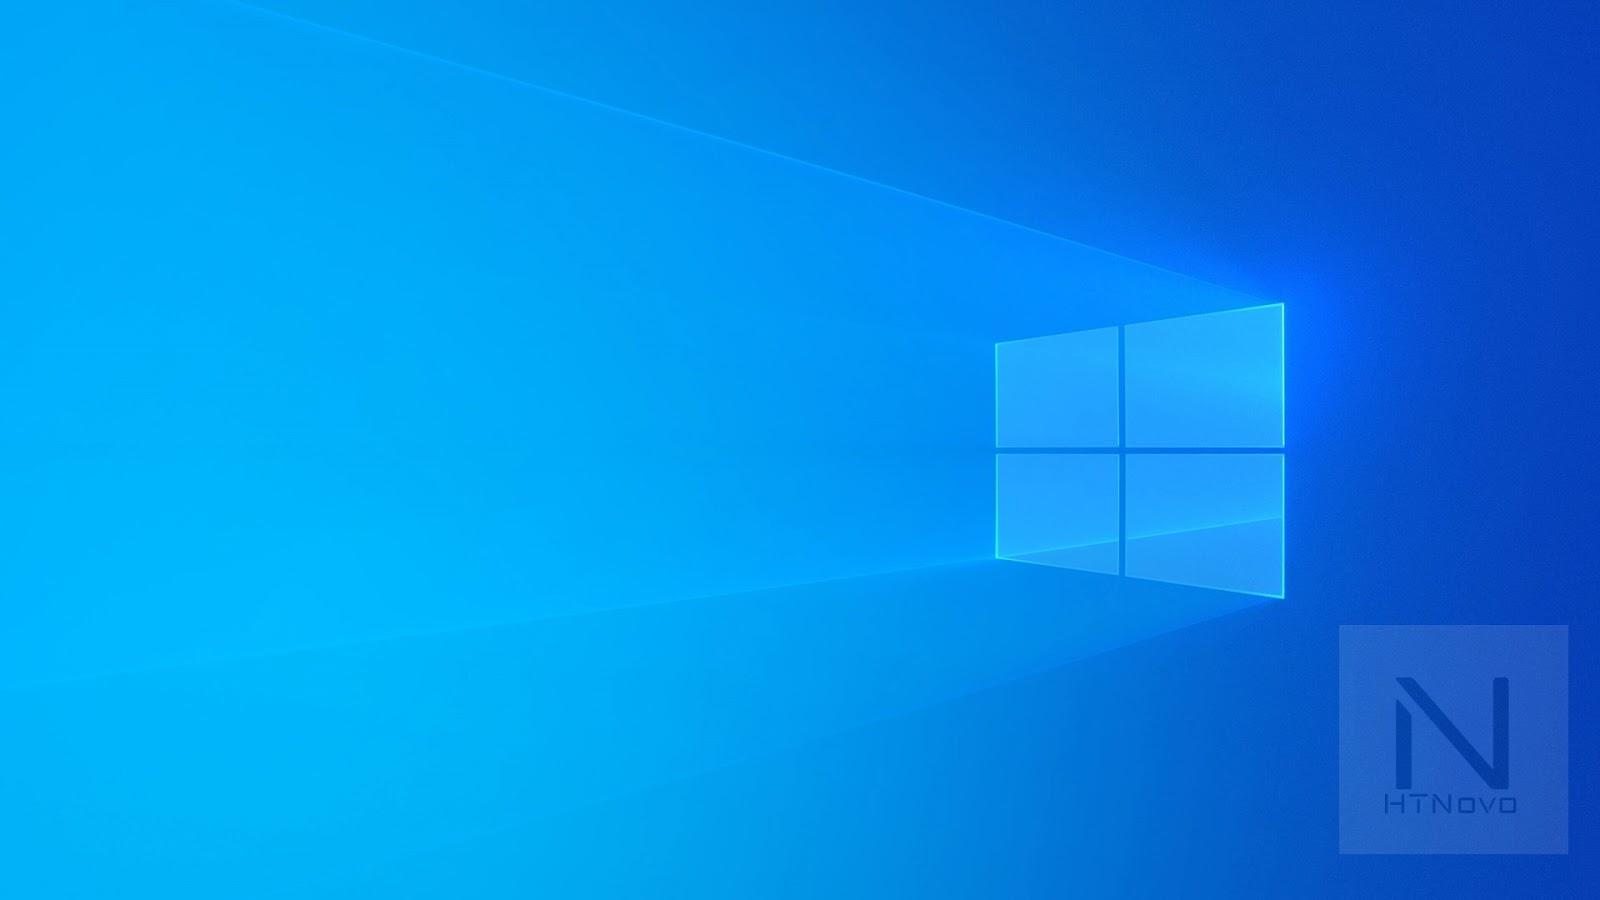 Aggiornamenti cumulativi per Windows 10 versioni 1909 e 2004 (febbraio 2020)